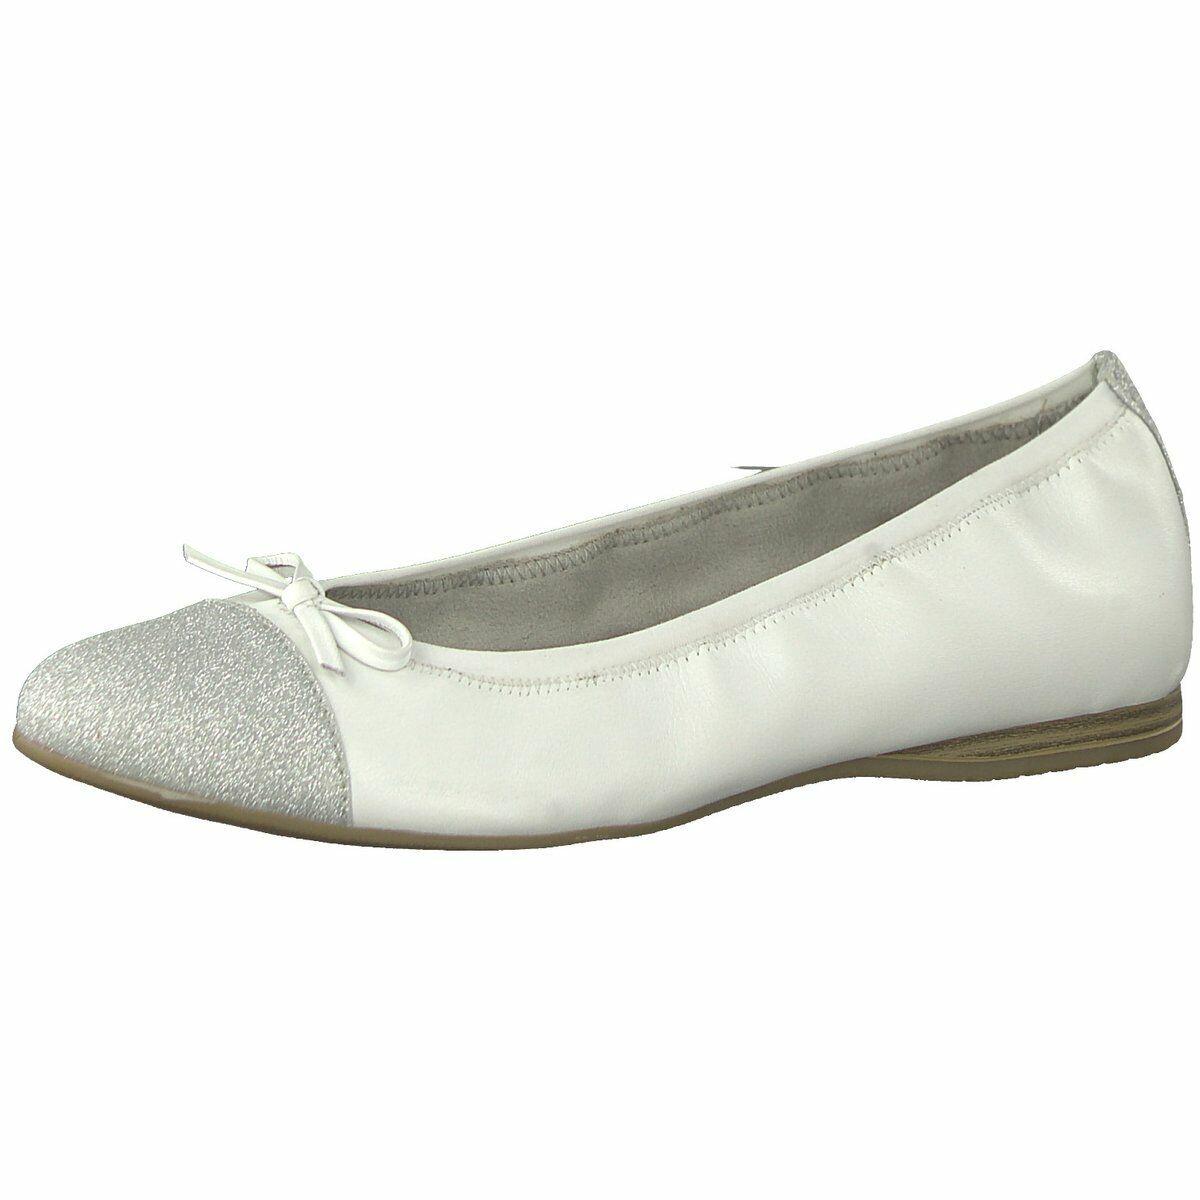 Tamaris Damen Damen Damen Ballerinas 1-1-22129-22-100 weiß 602570 e3fe80